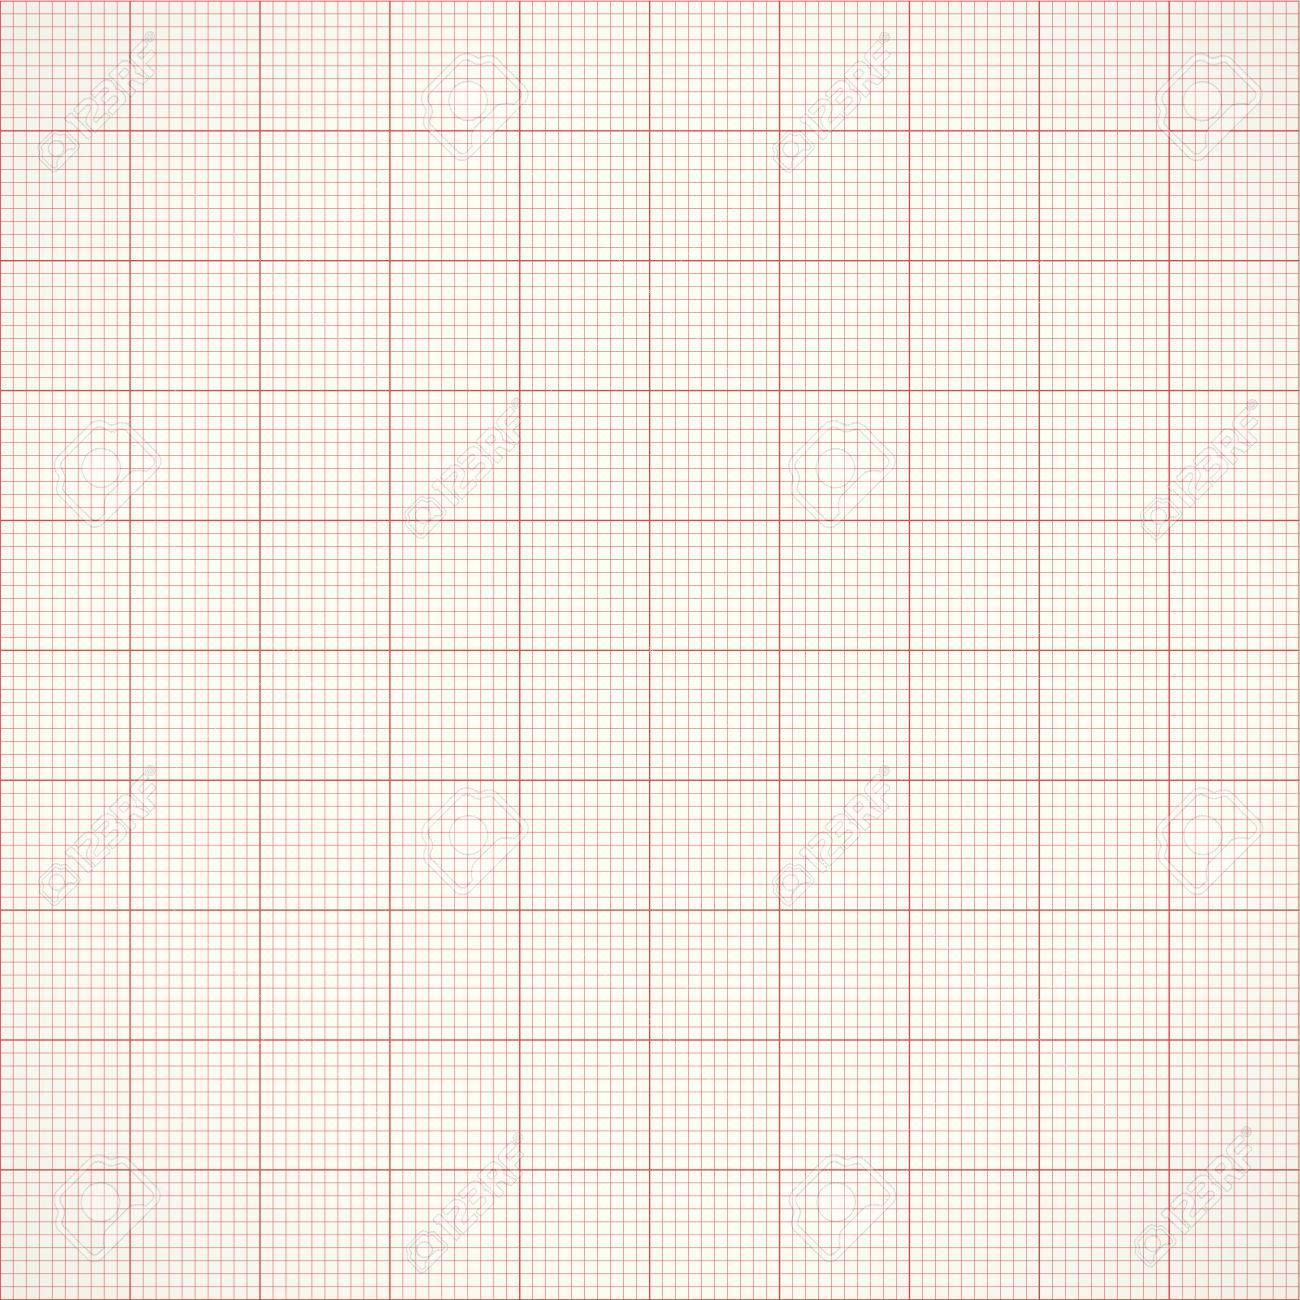 Grille Millimétrique Transparente Papier Millimétré Vector Ingénierie Papier De Couleur Noir Et Jaune Foncé